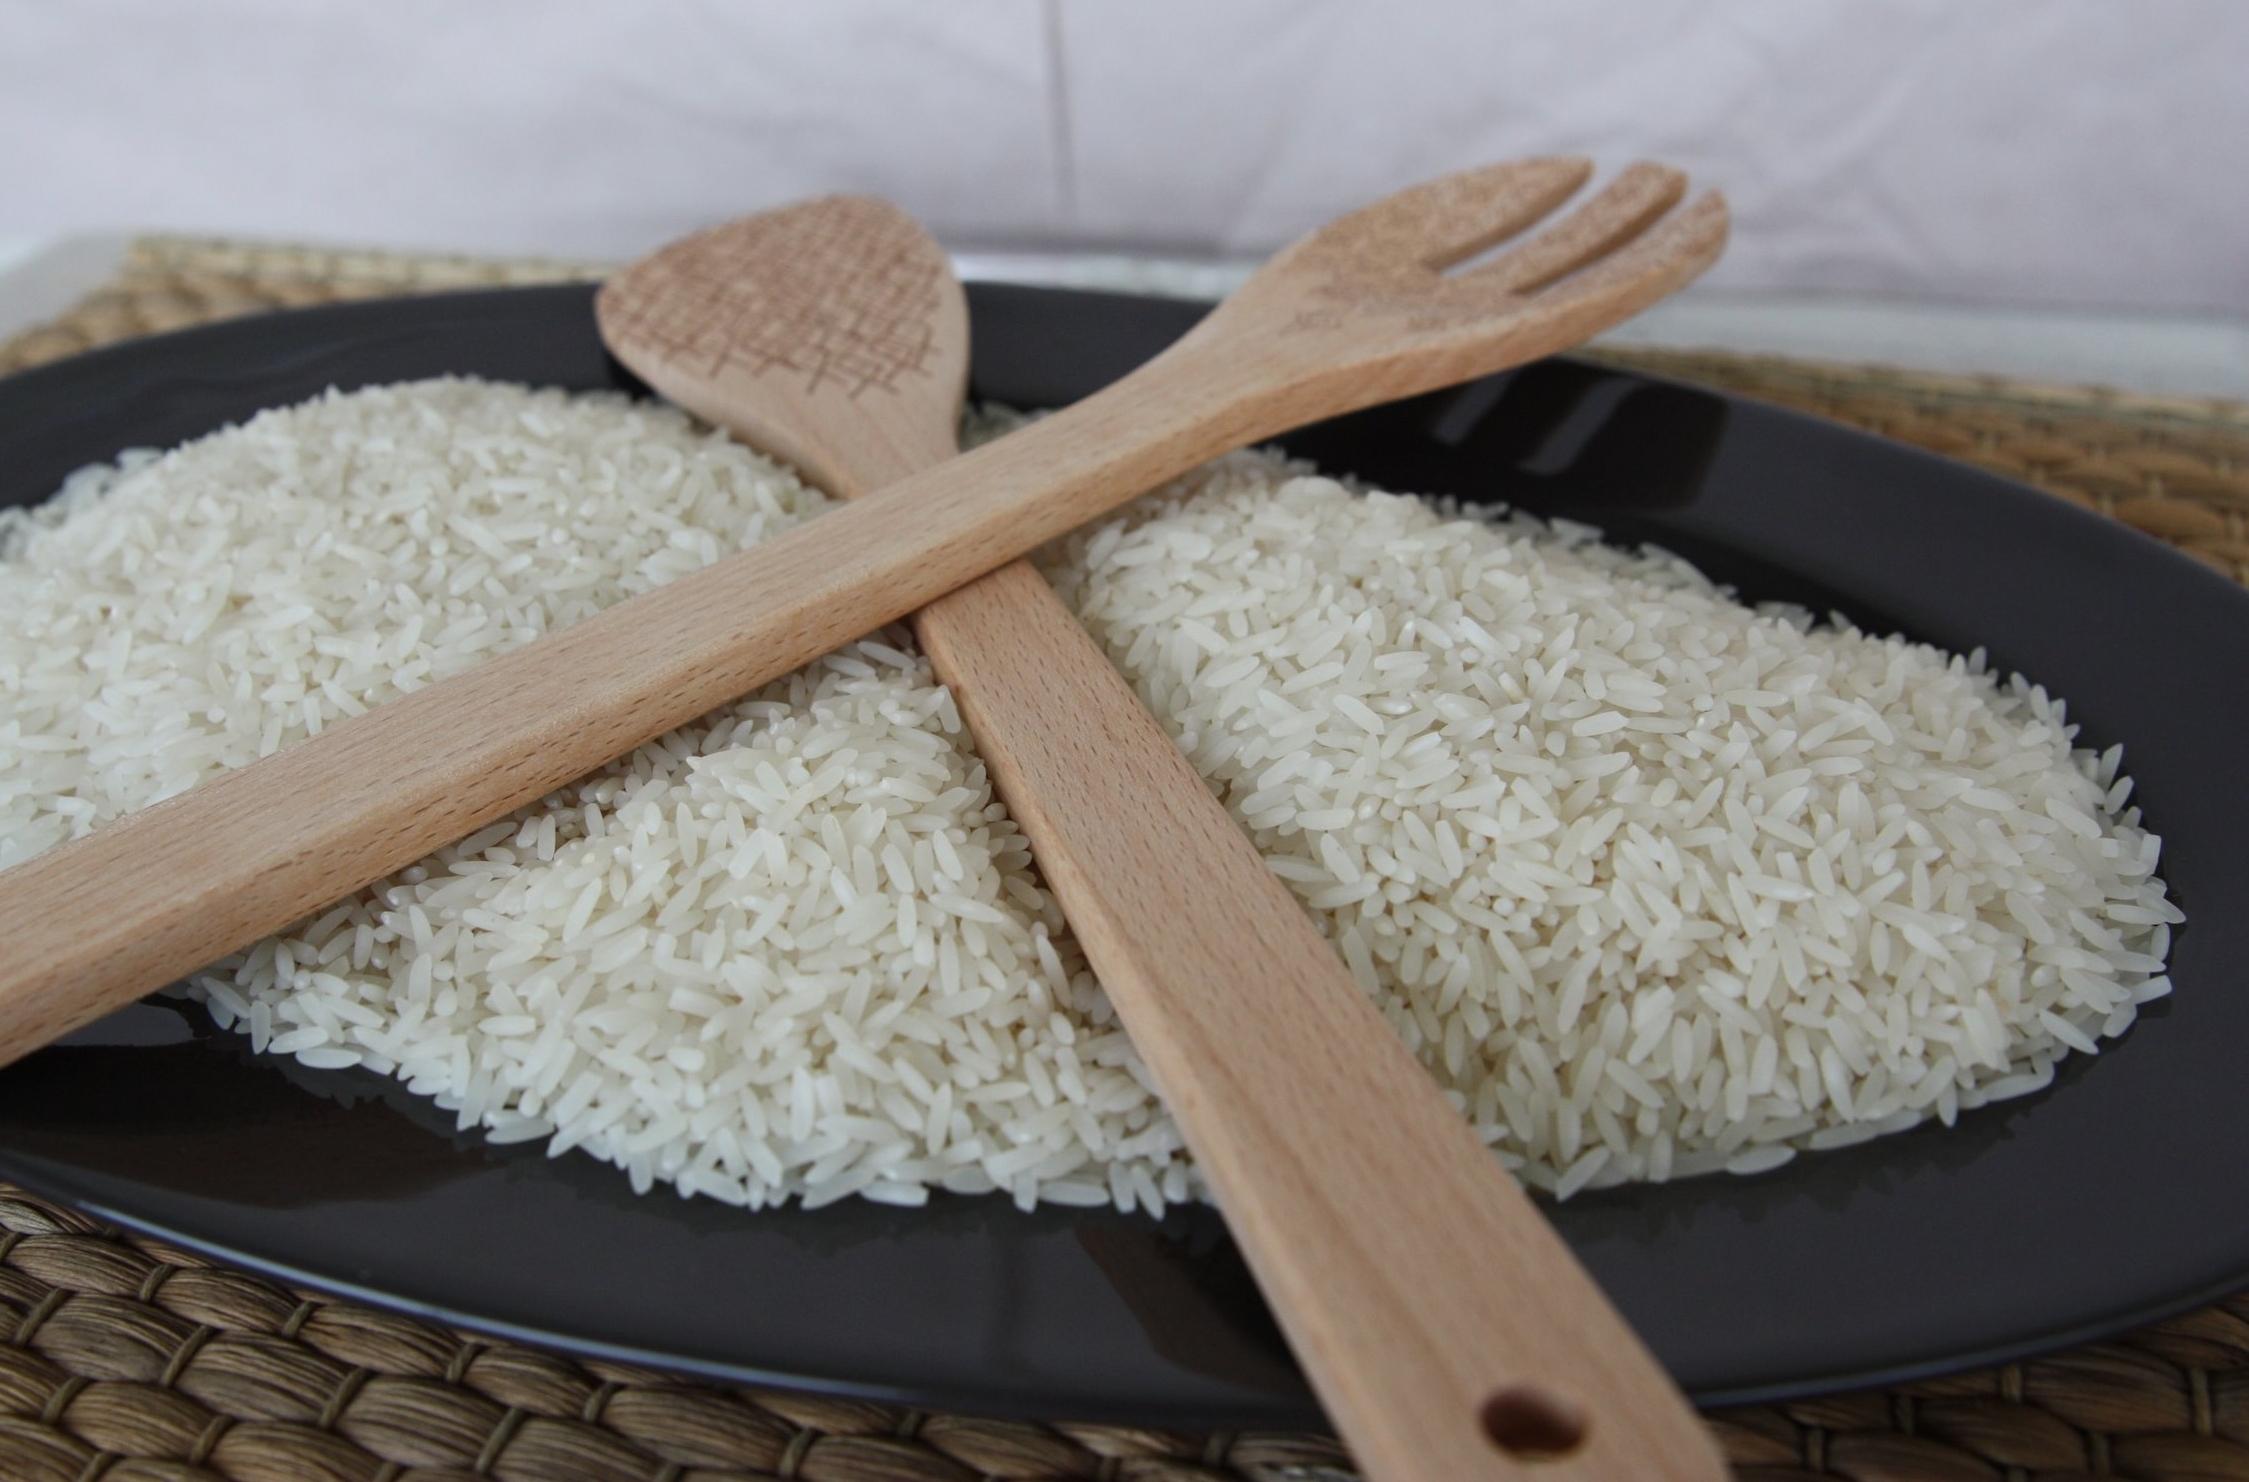 brown-rice-wooden-spoon.jpg